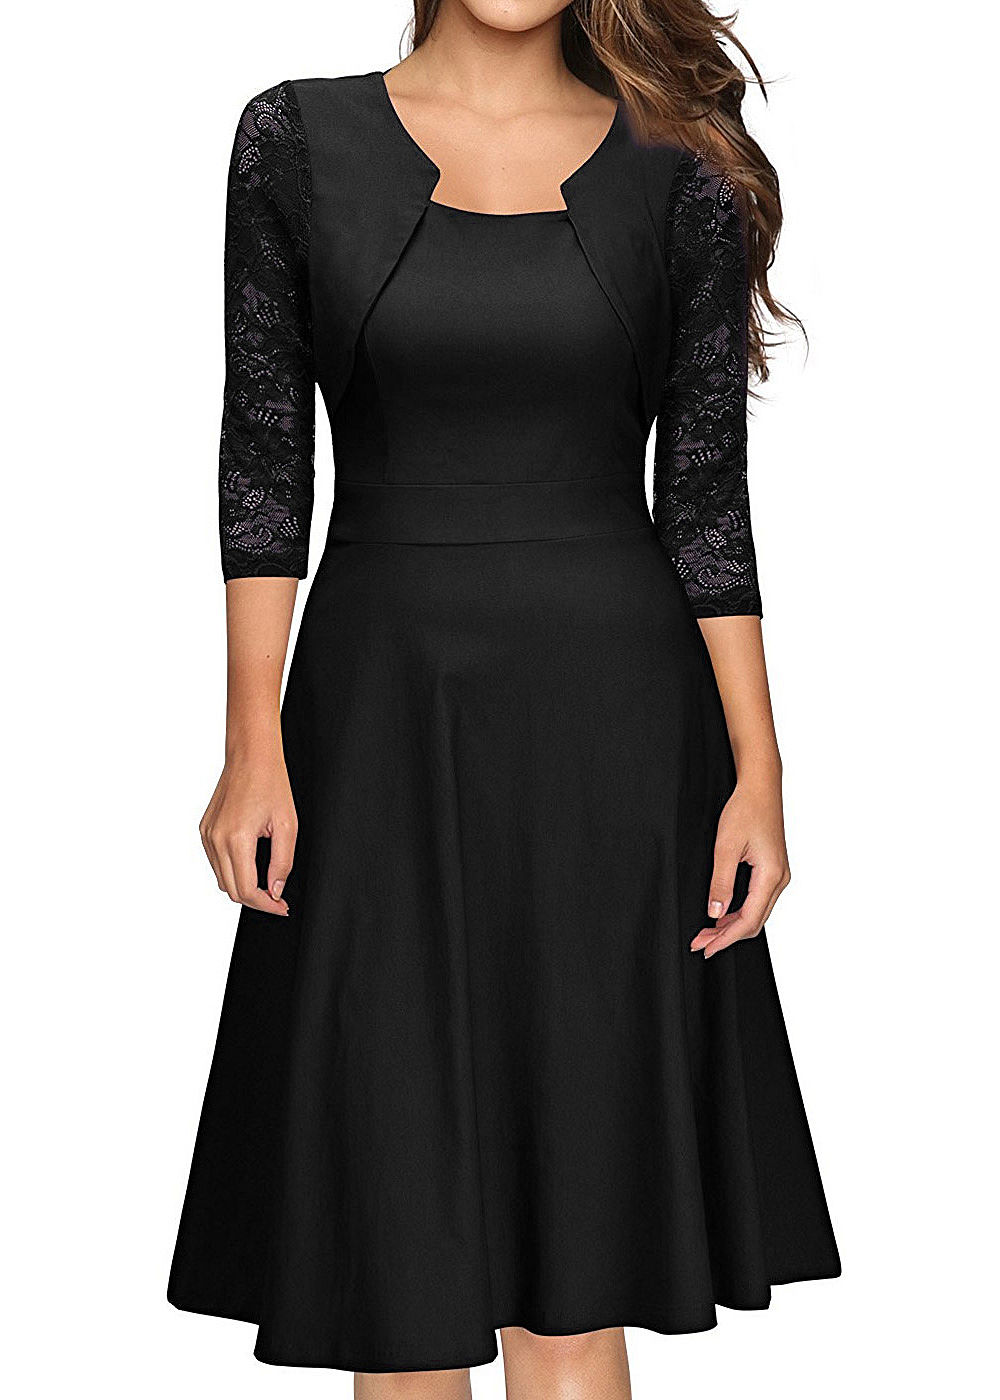 Styleboom Fashion Damen 11/11 Arm Spitzen Kleid schwarz